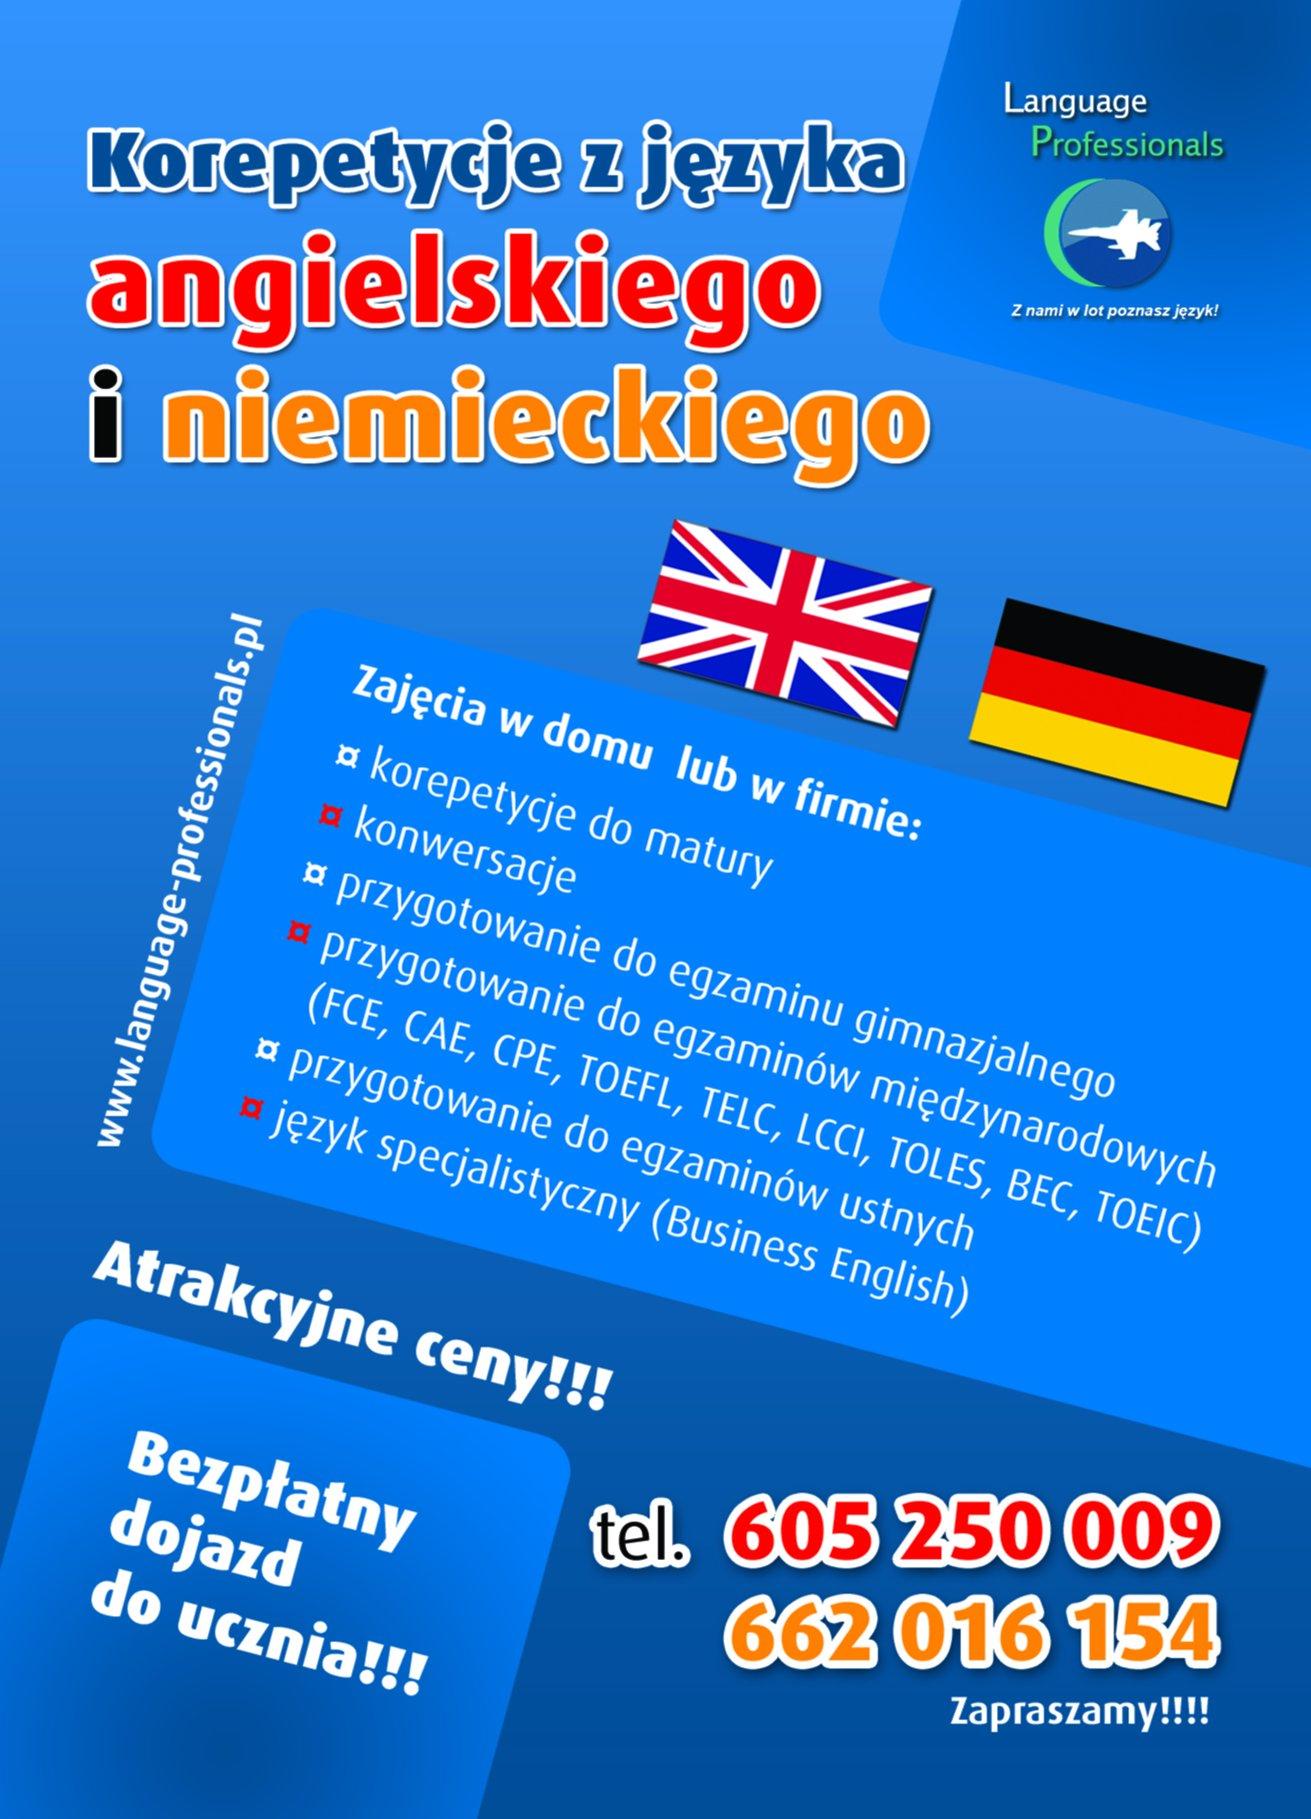 Korepetycje i kursy z języka angielskiego Opole